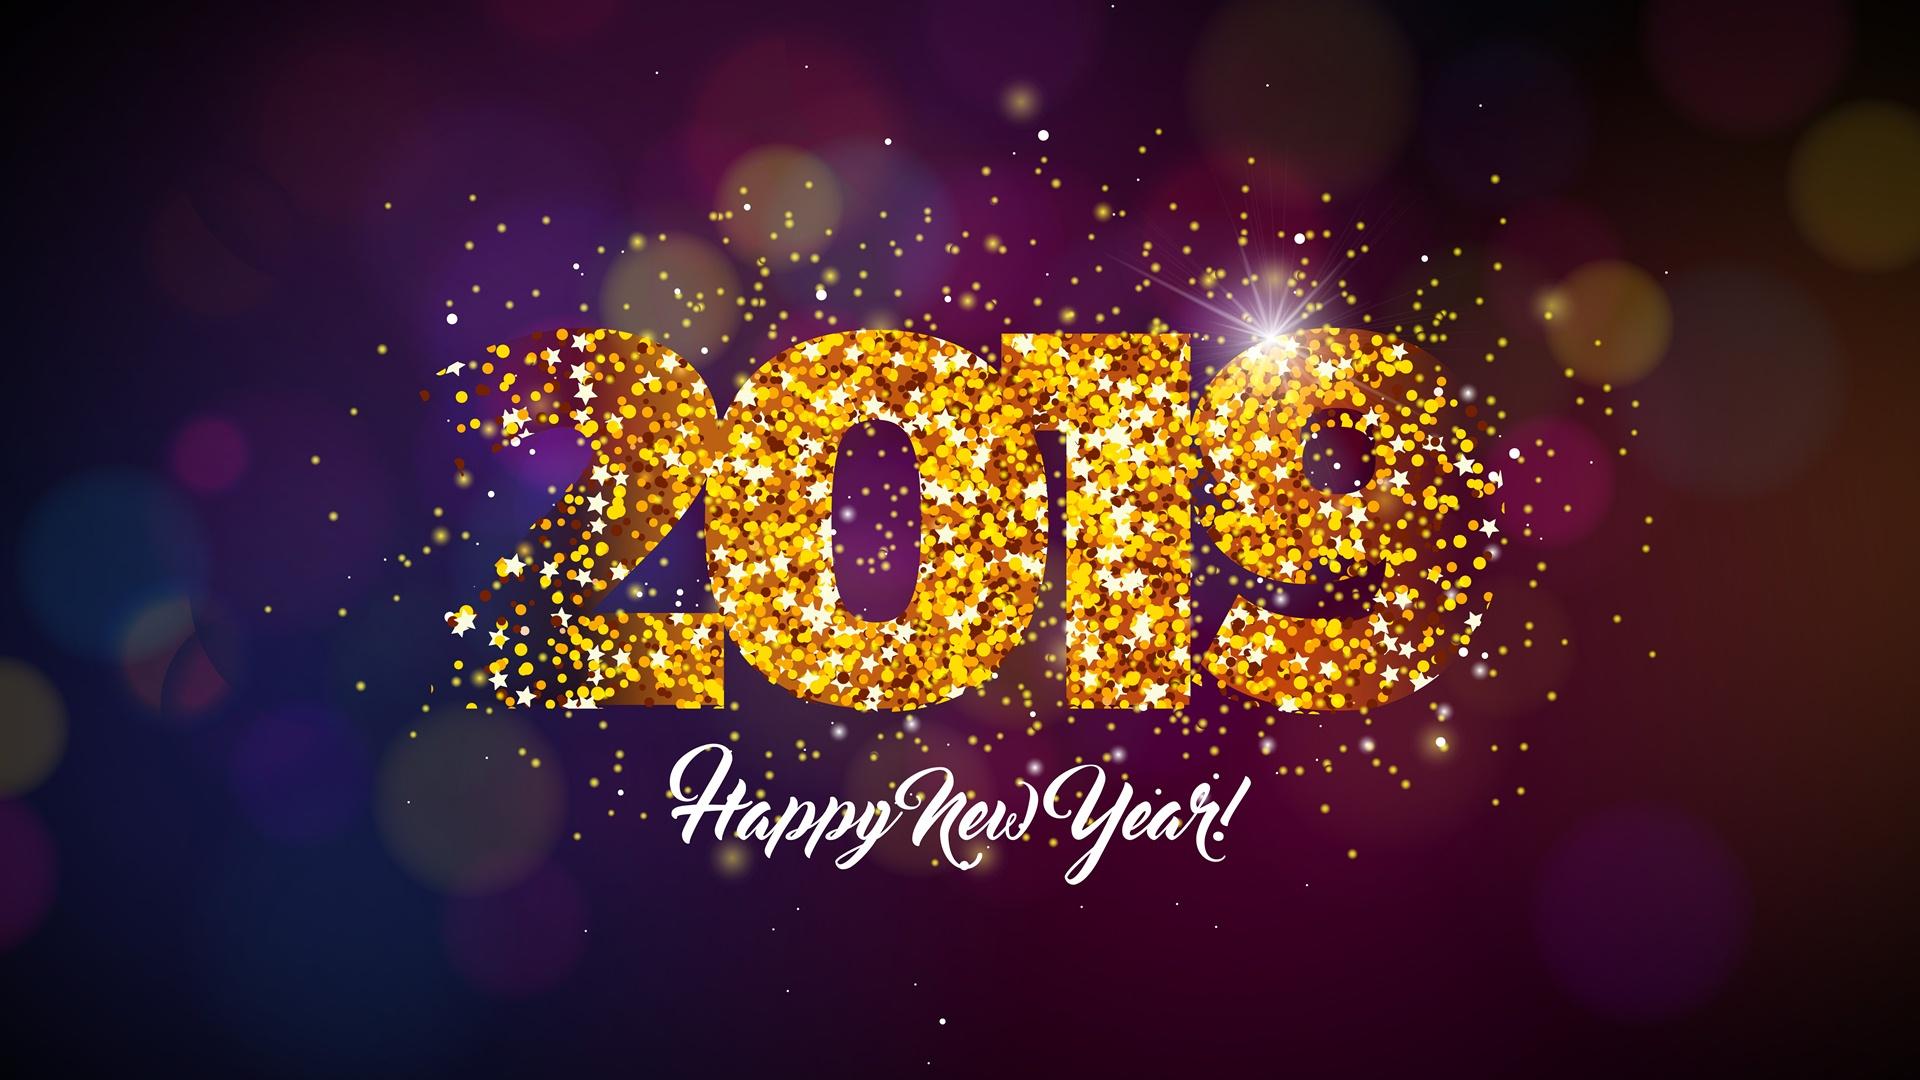 2019 Happy New Year Wallpaper Full HD